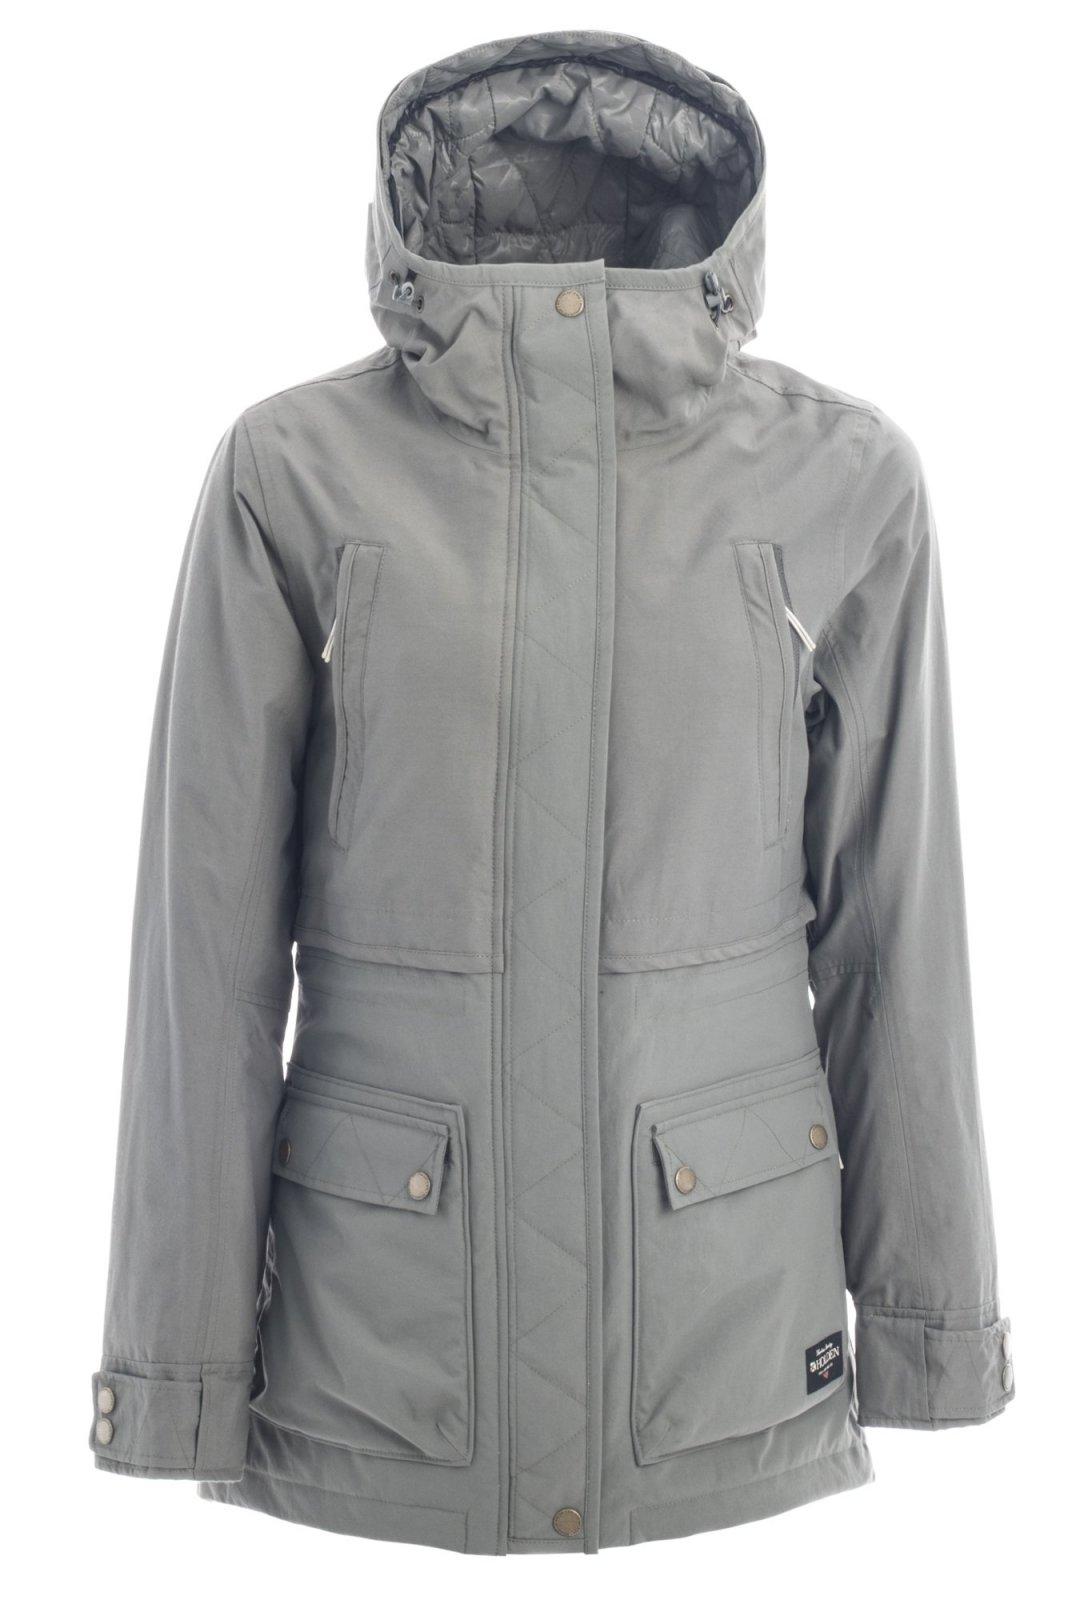 Holden Women's Shelter Jacket